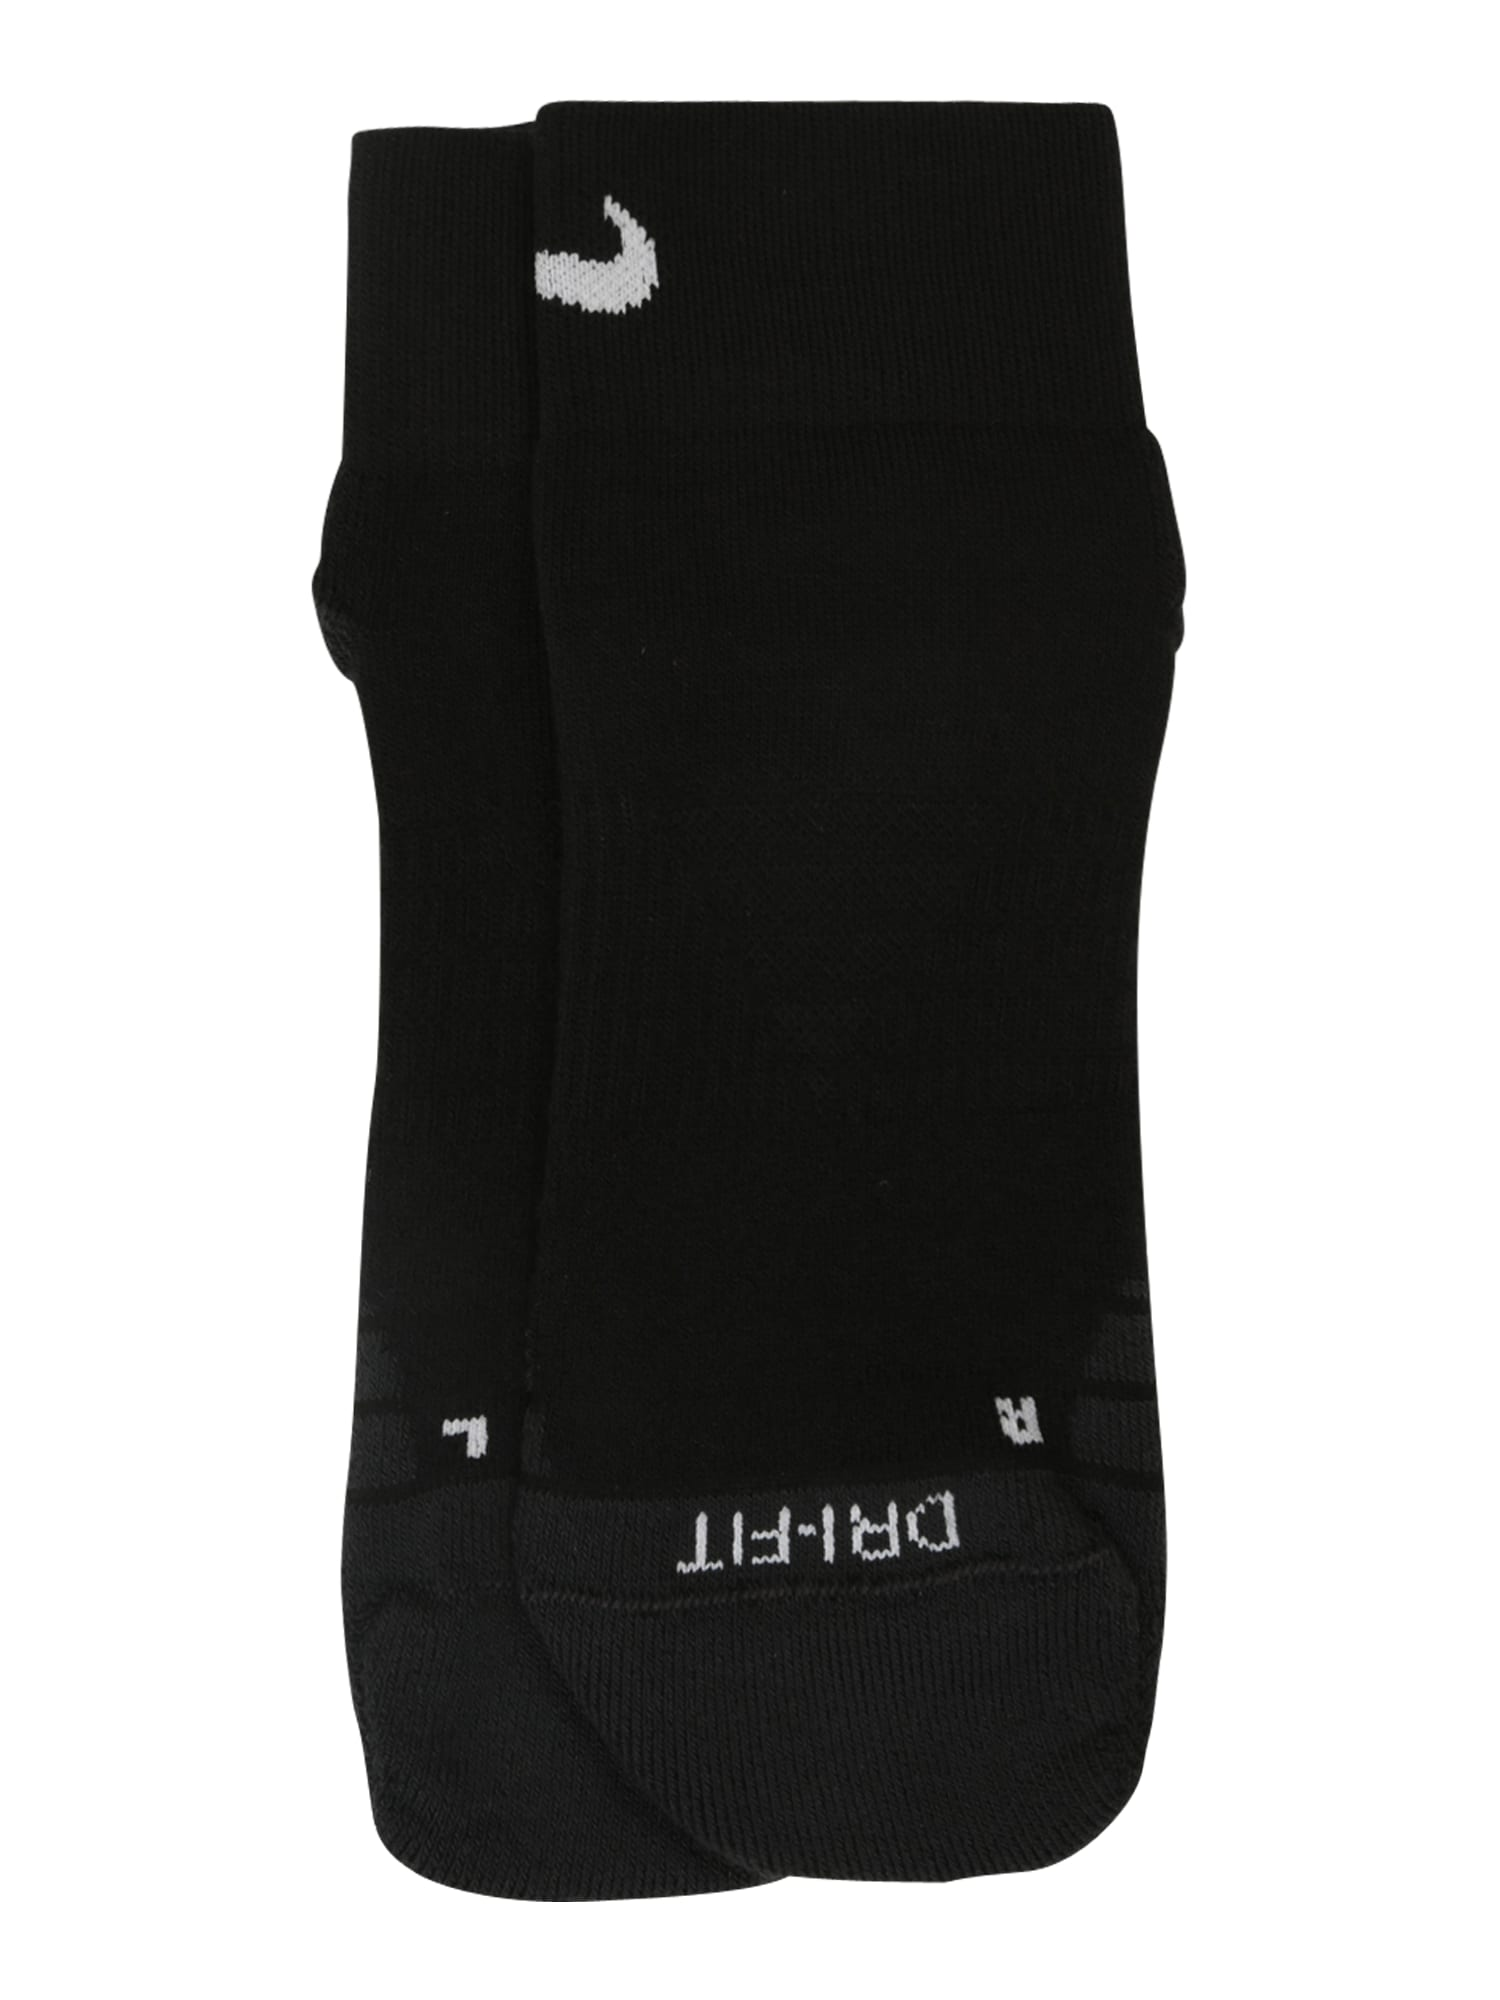 NIKE Sportinės kojinės balta / juoda